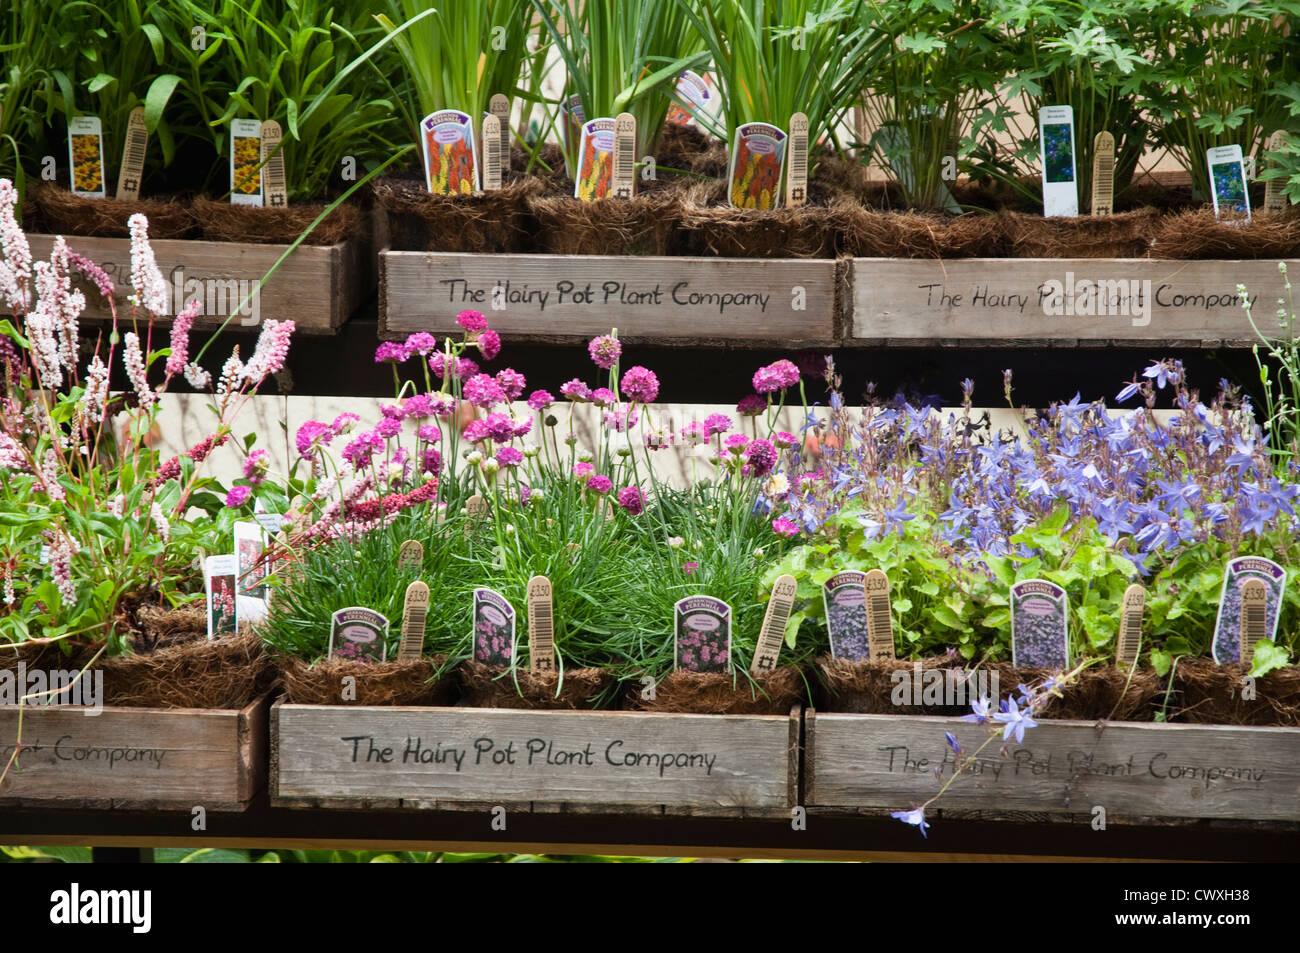 Behaarte Pot Plant Company - krautigen Pflanzen zum Verkauf innerhalb abbaubar Töpfen gewachsen. VEREINIGTES Stockbild